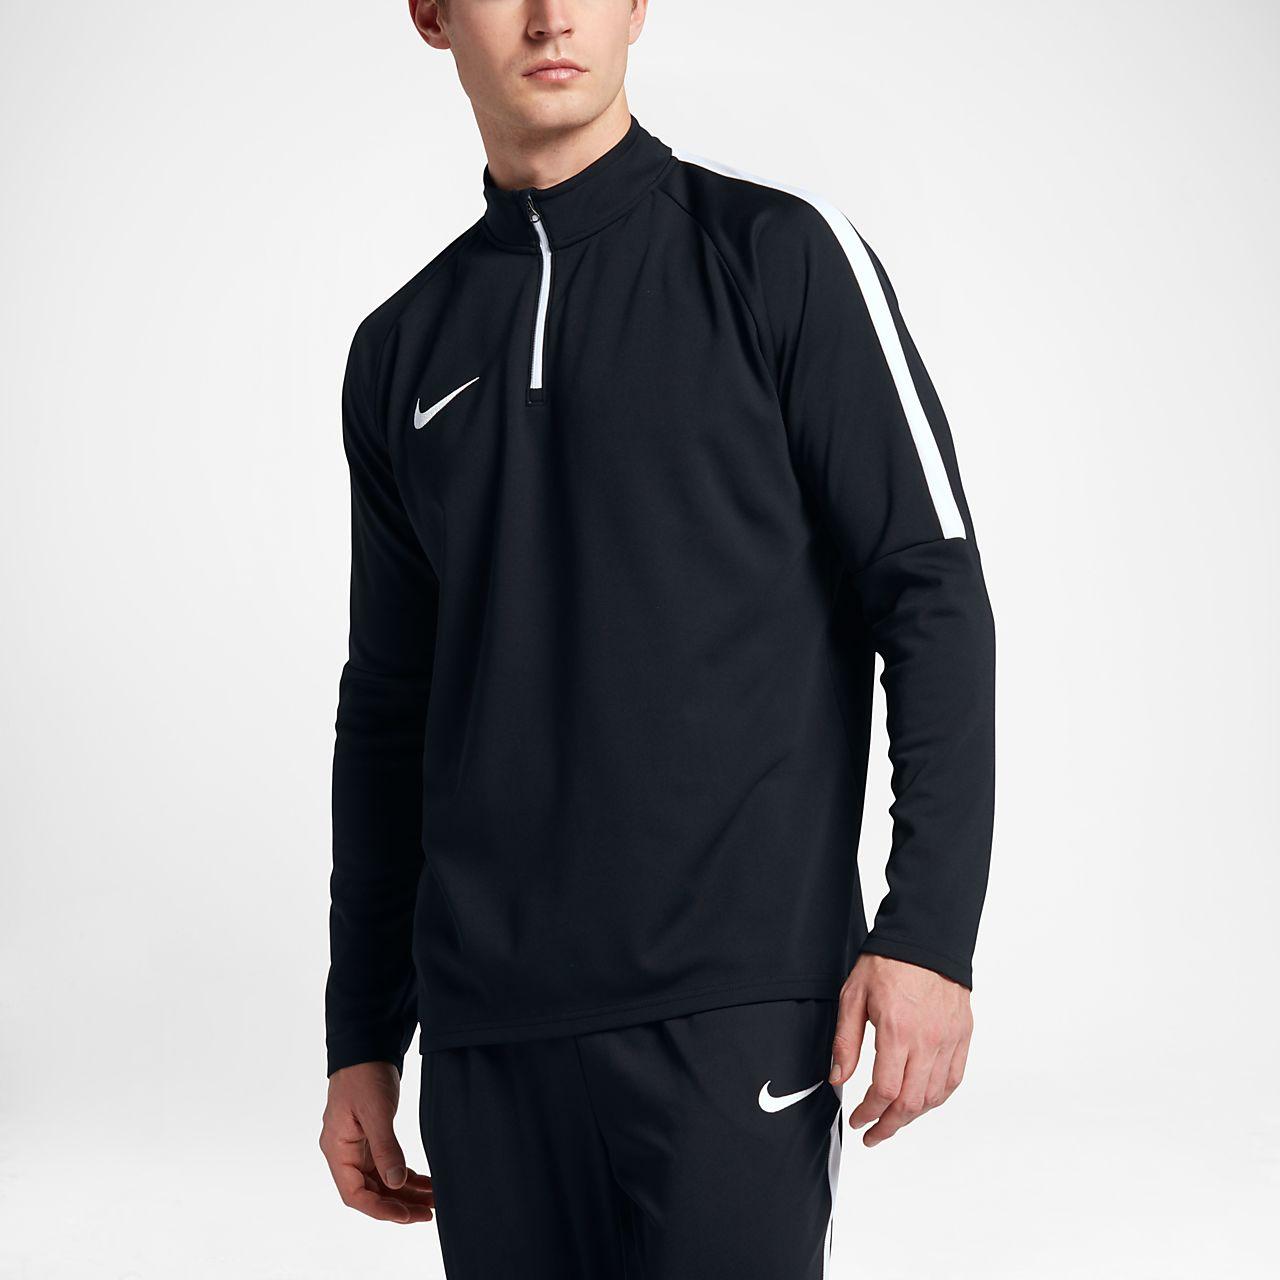 Haut de 1/4 football 1/4 de de zip Nike Dri FIT Academy pour BE 03a285